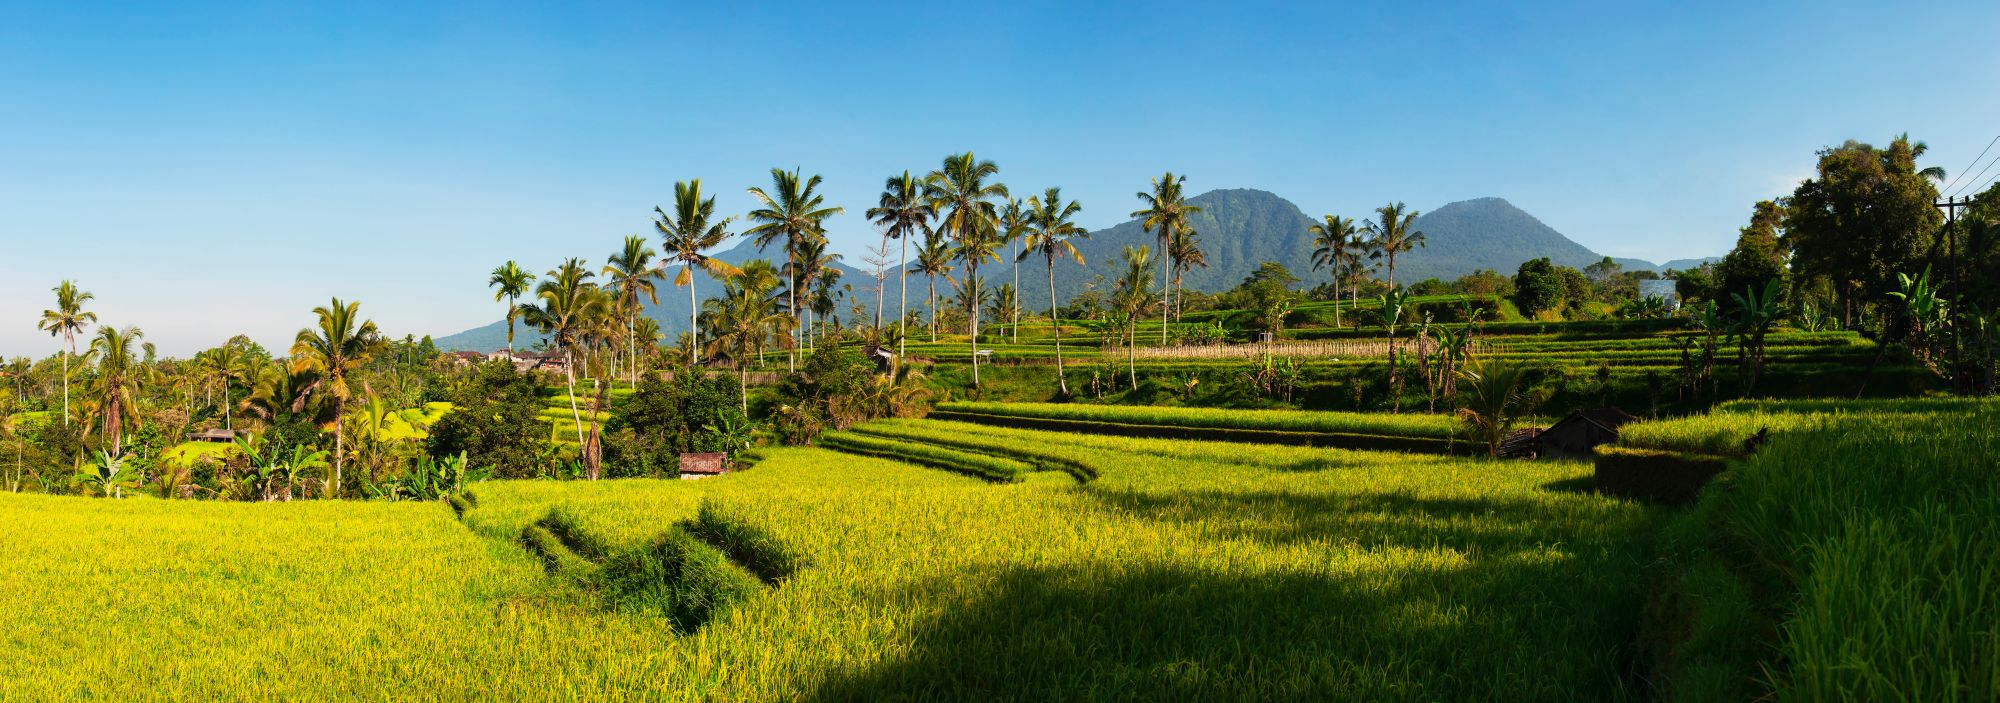 Indonesie Bali Ubud rijstvelden